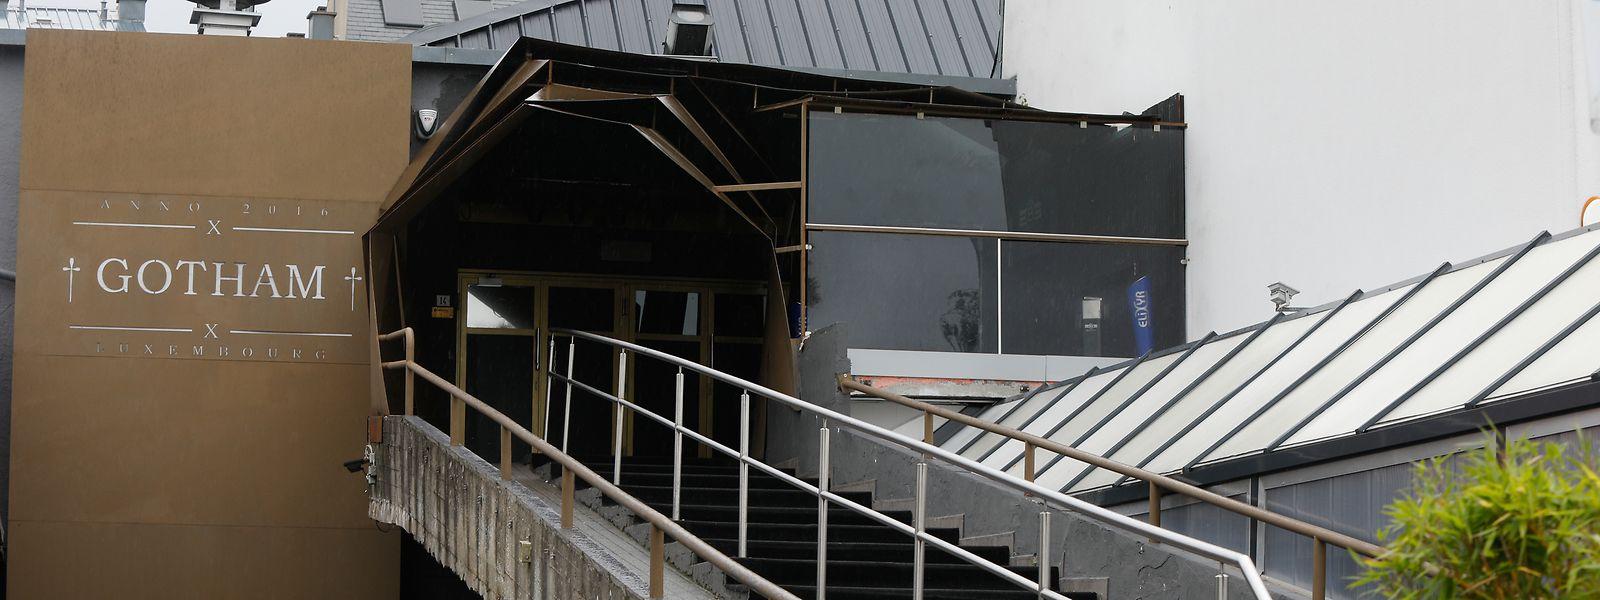 Der Vorfall ereignete sich in der Nacht zum 13. November in der Diskothek Gotham.